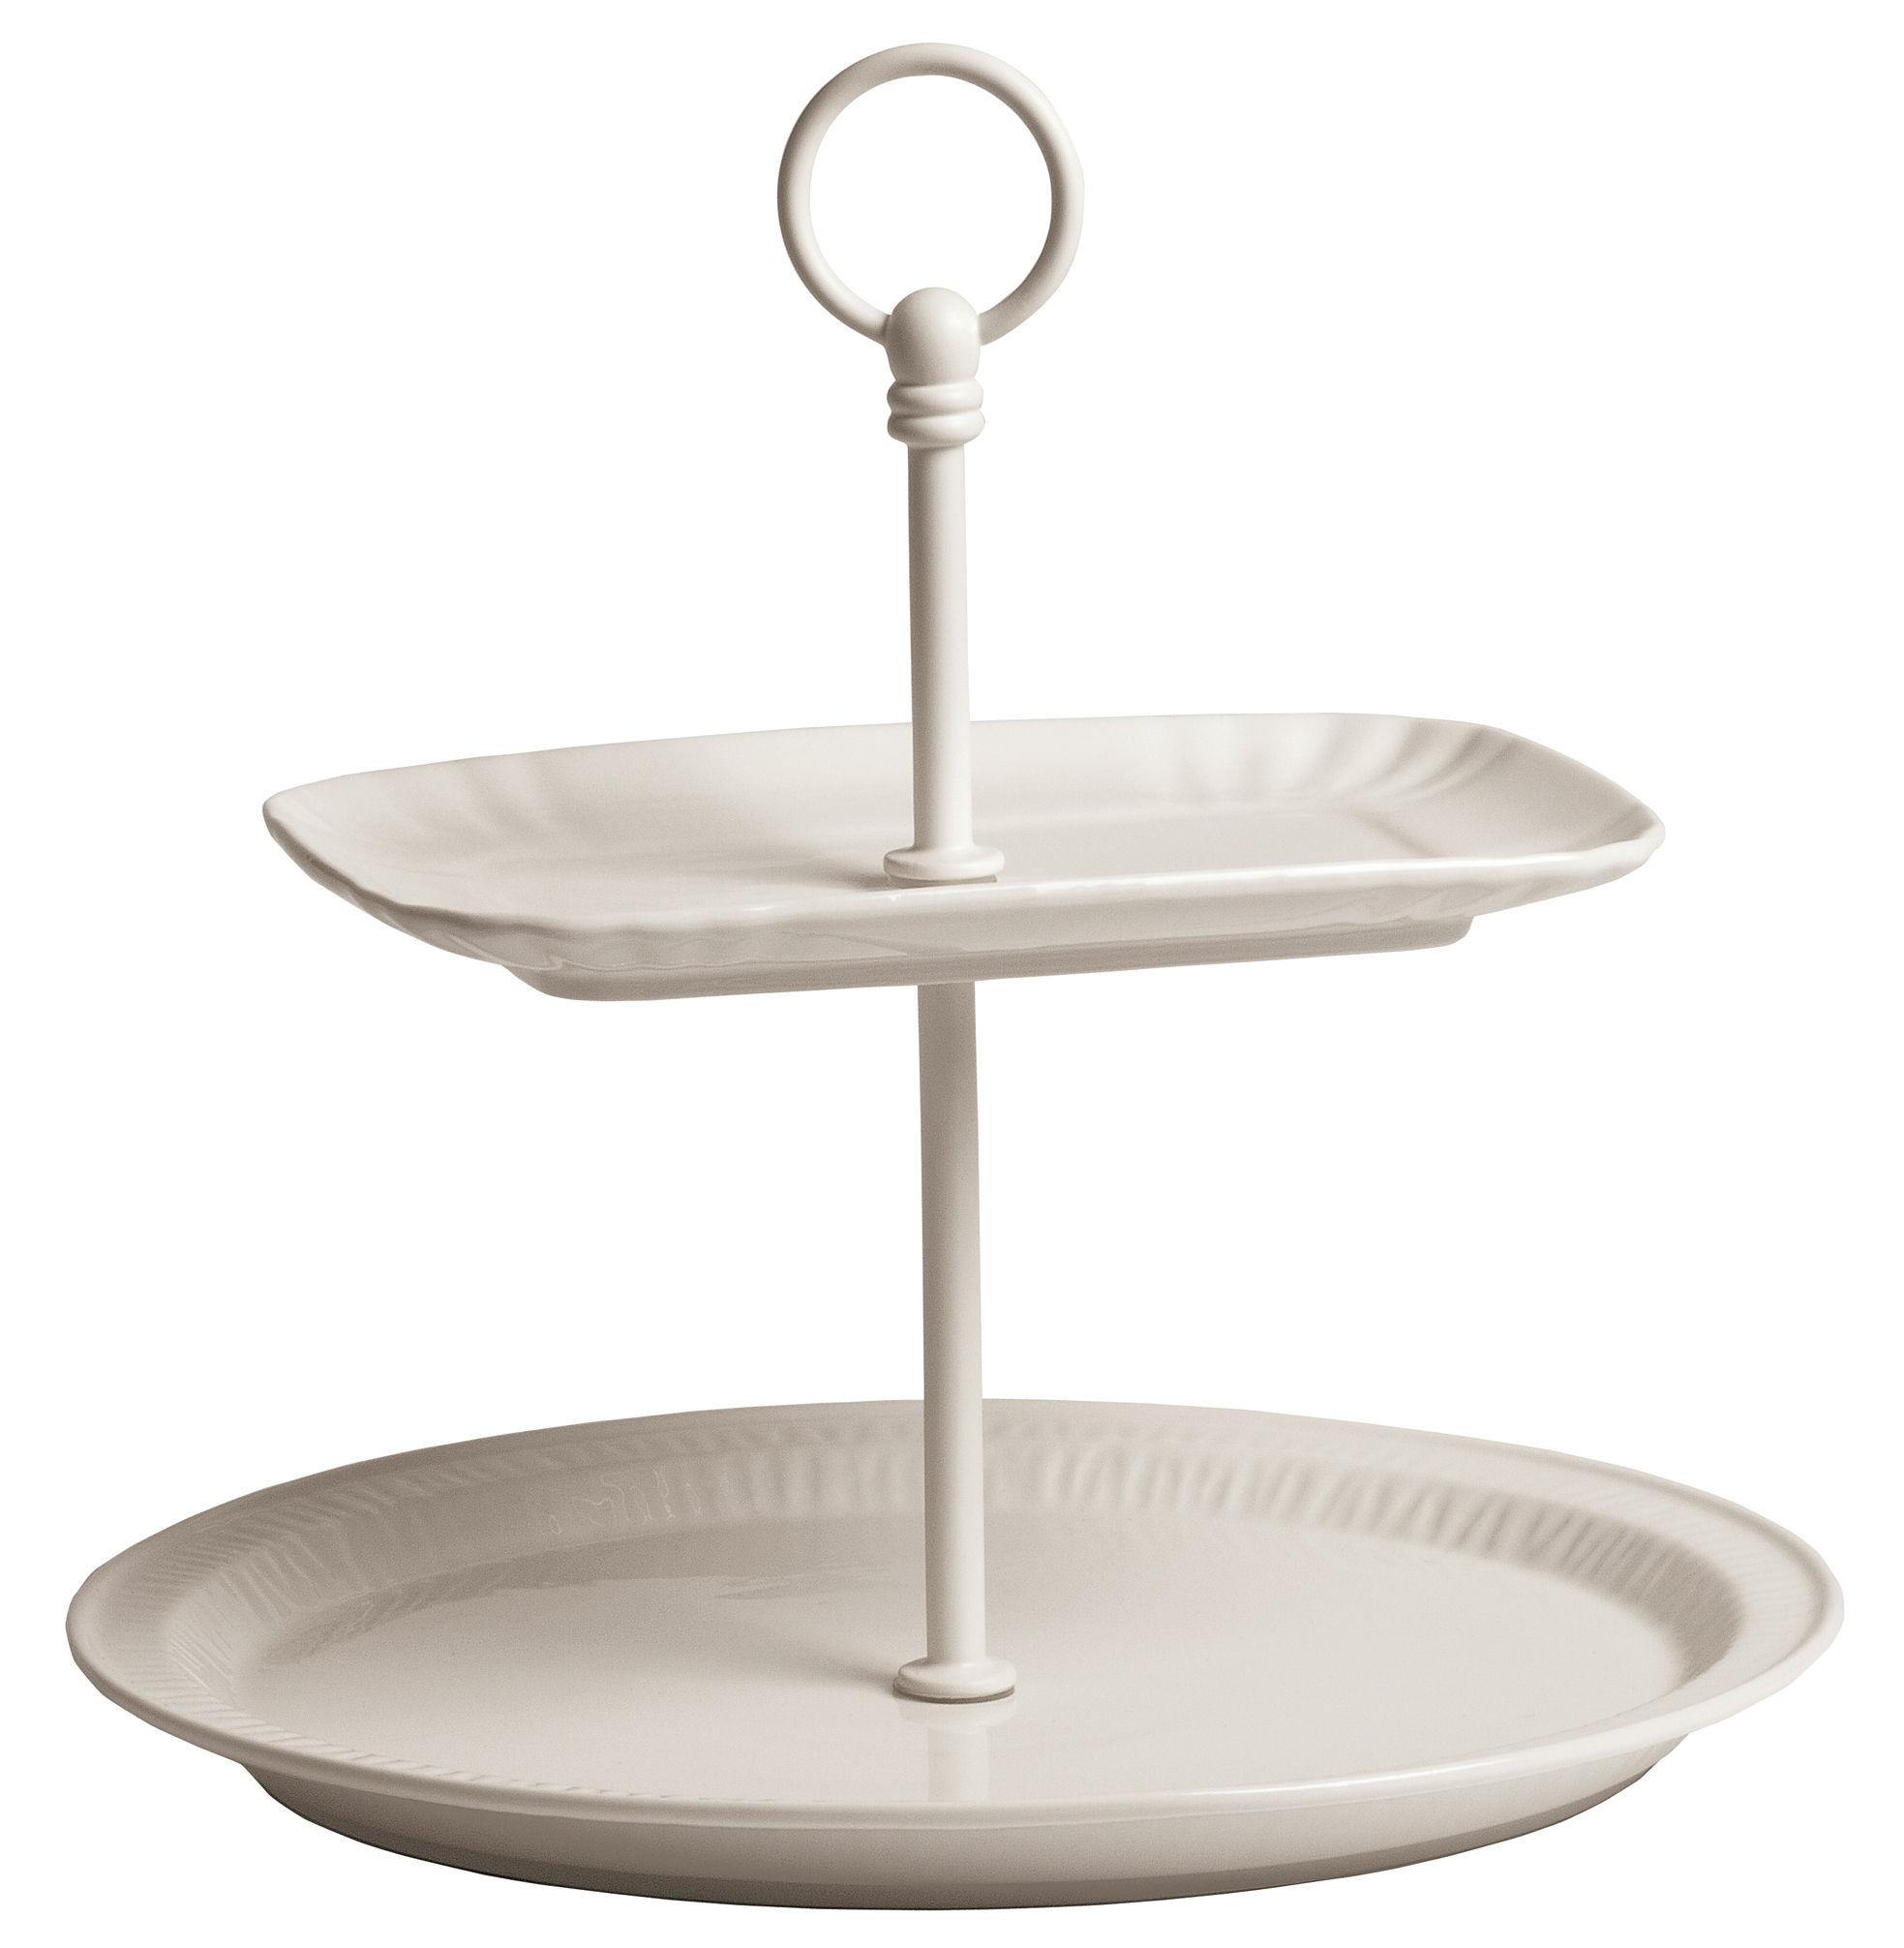 Serviteur estetico quotidiano 28 x h 25 5 cm blanc for Serviteur de table 3 etages